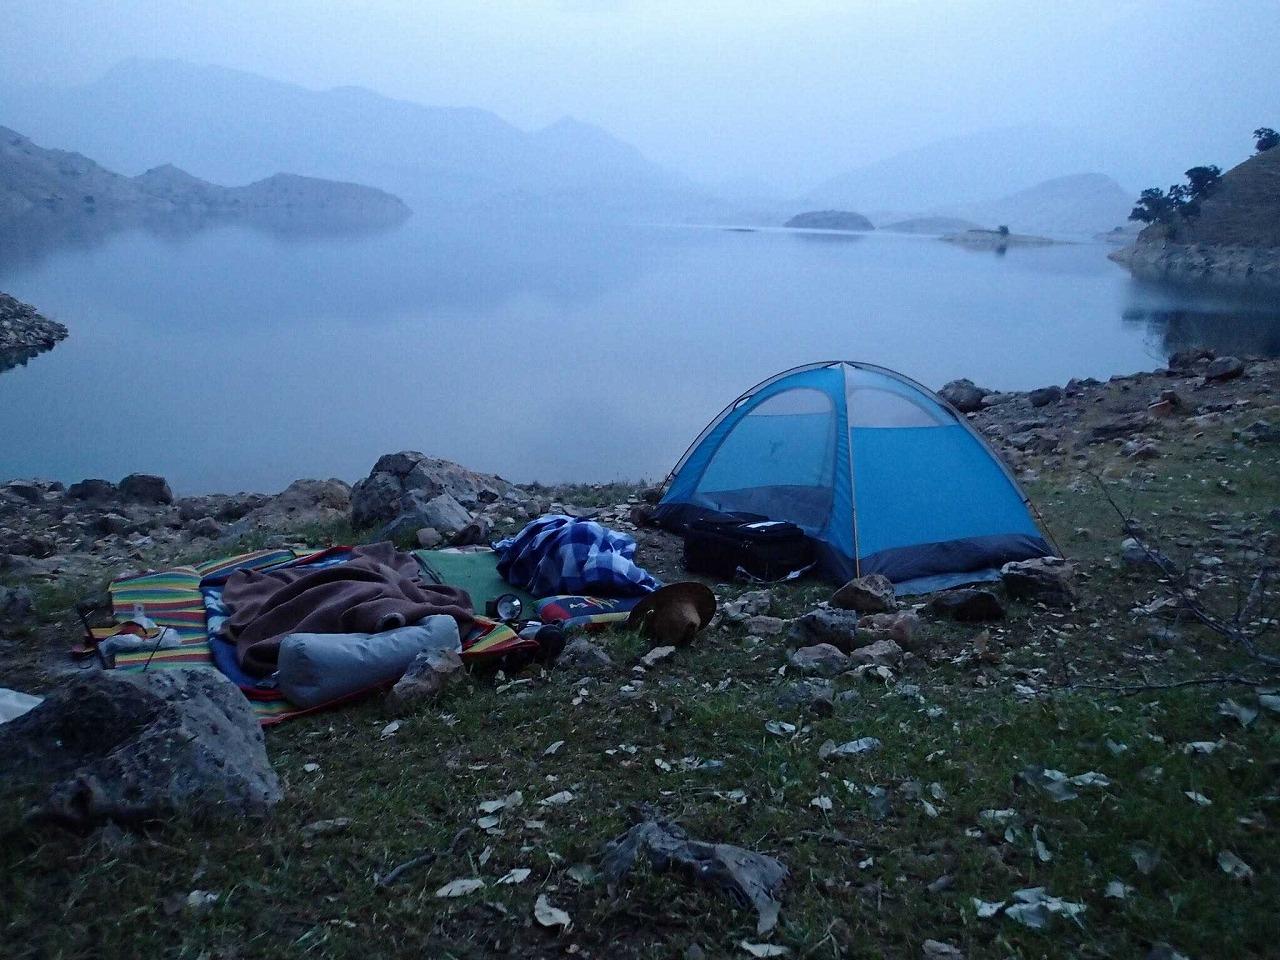 シナのテントとその隣でオッケー君たちが毛布に包まり眠る